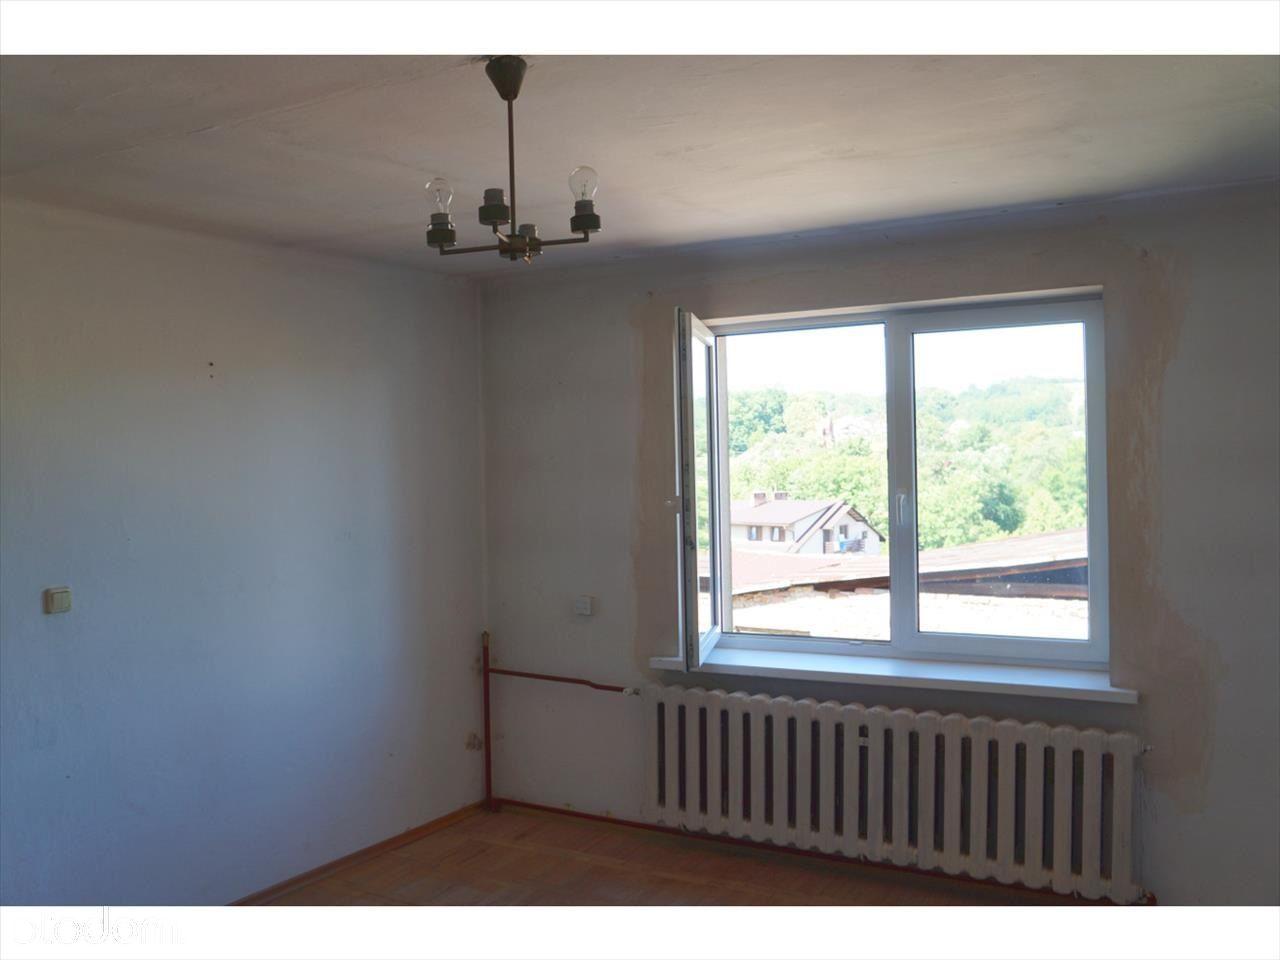 Dom na sprzedaż, Błażowa, rzeszowski, podkarpackie - Foto 7